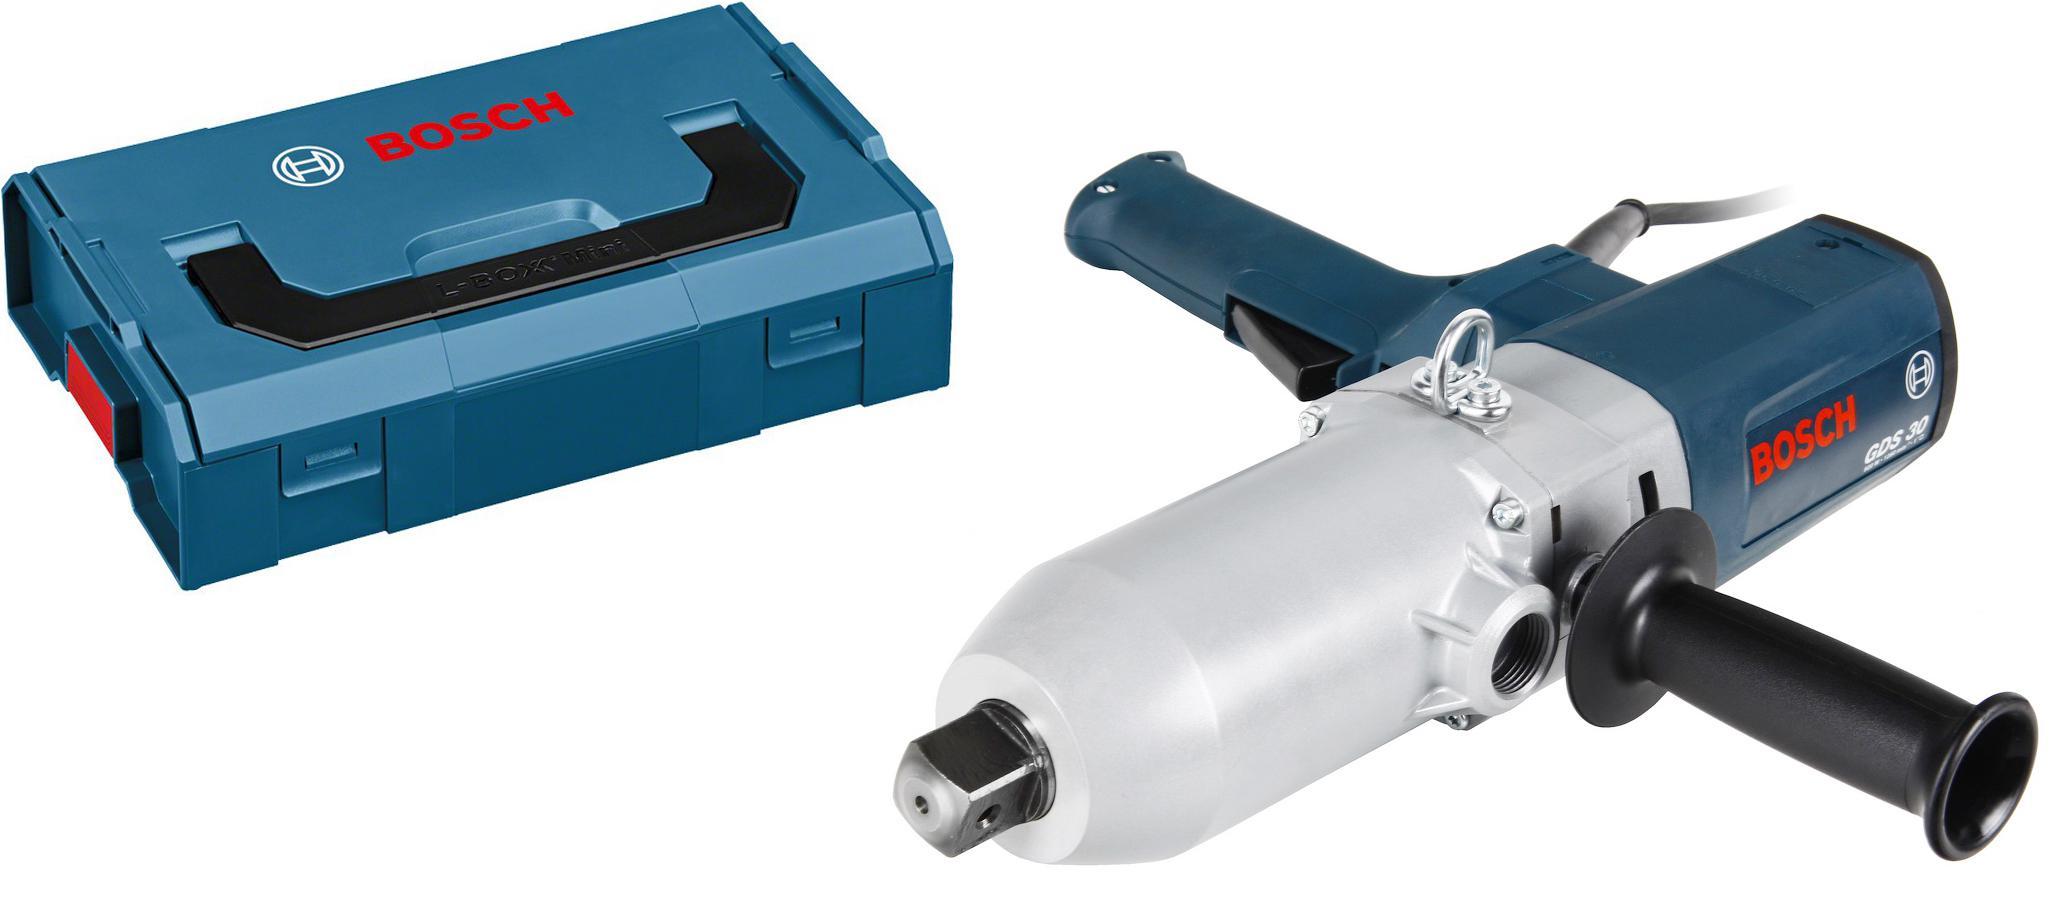 Набор Bosch Гайковерт gds 30 (0601435108) +Ящик l-boxx mini (1600a007sf)